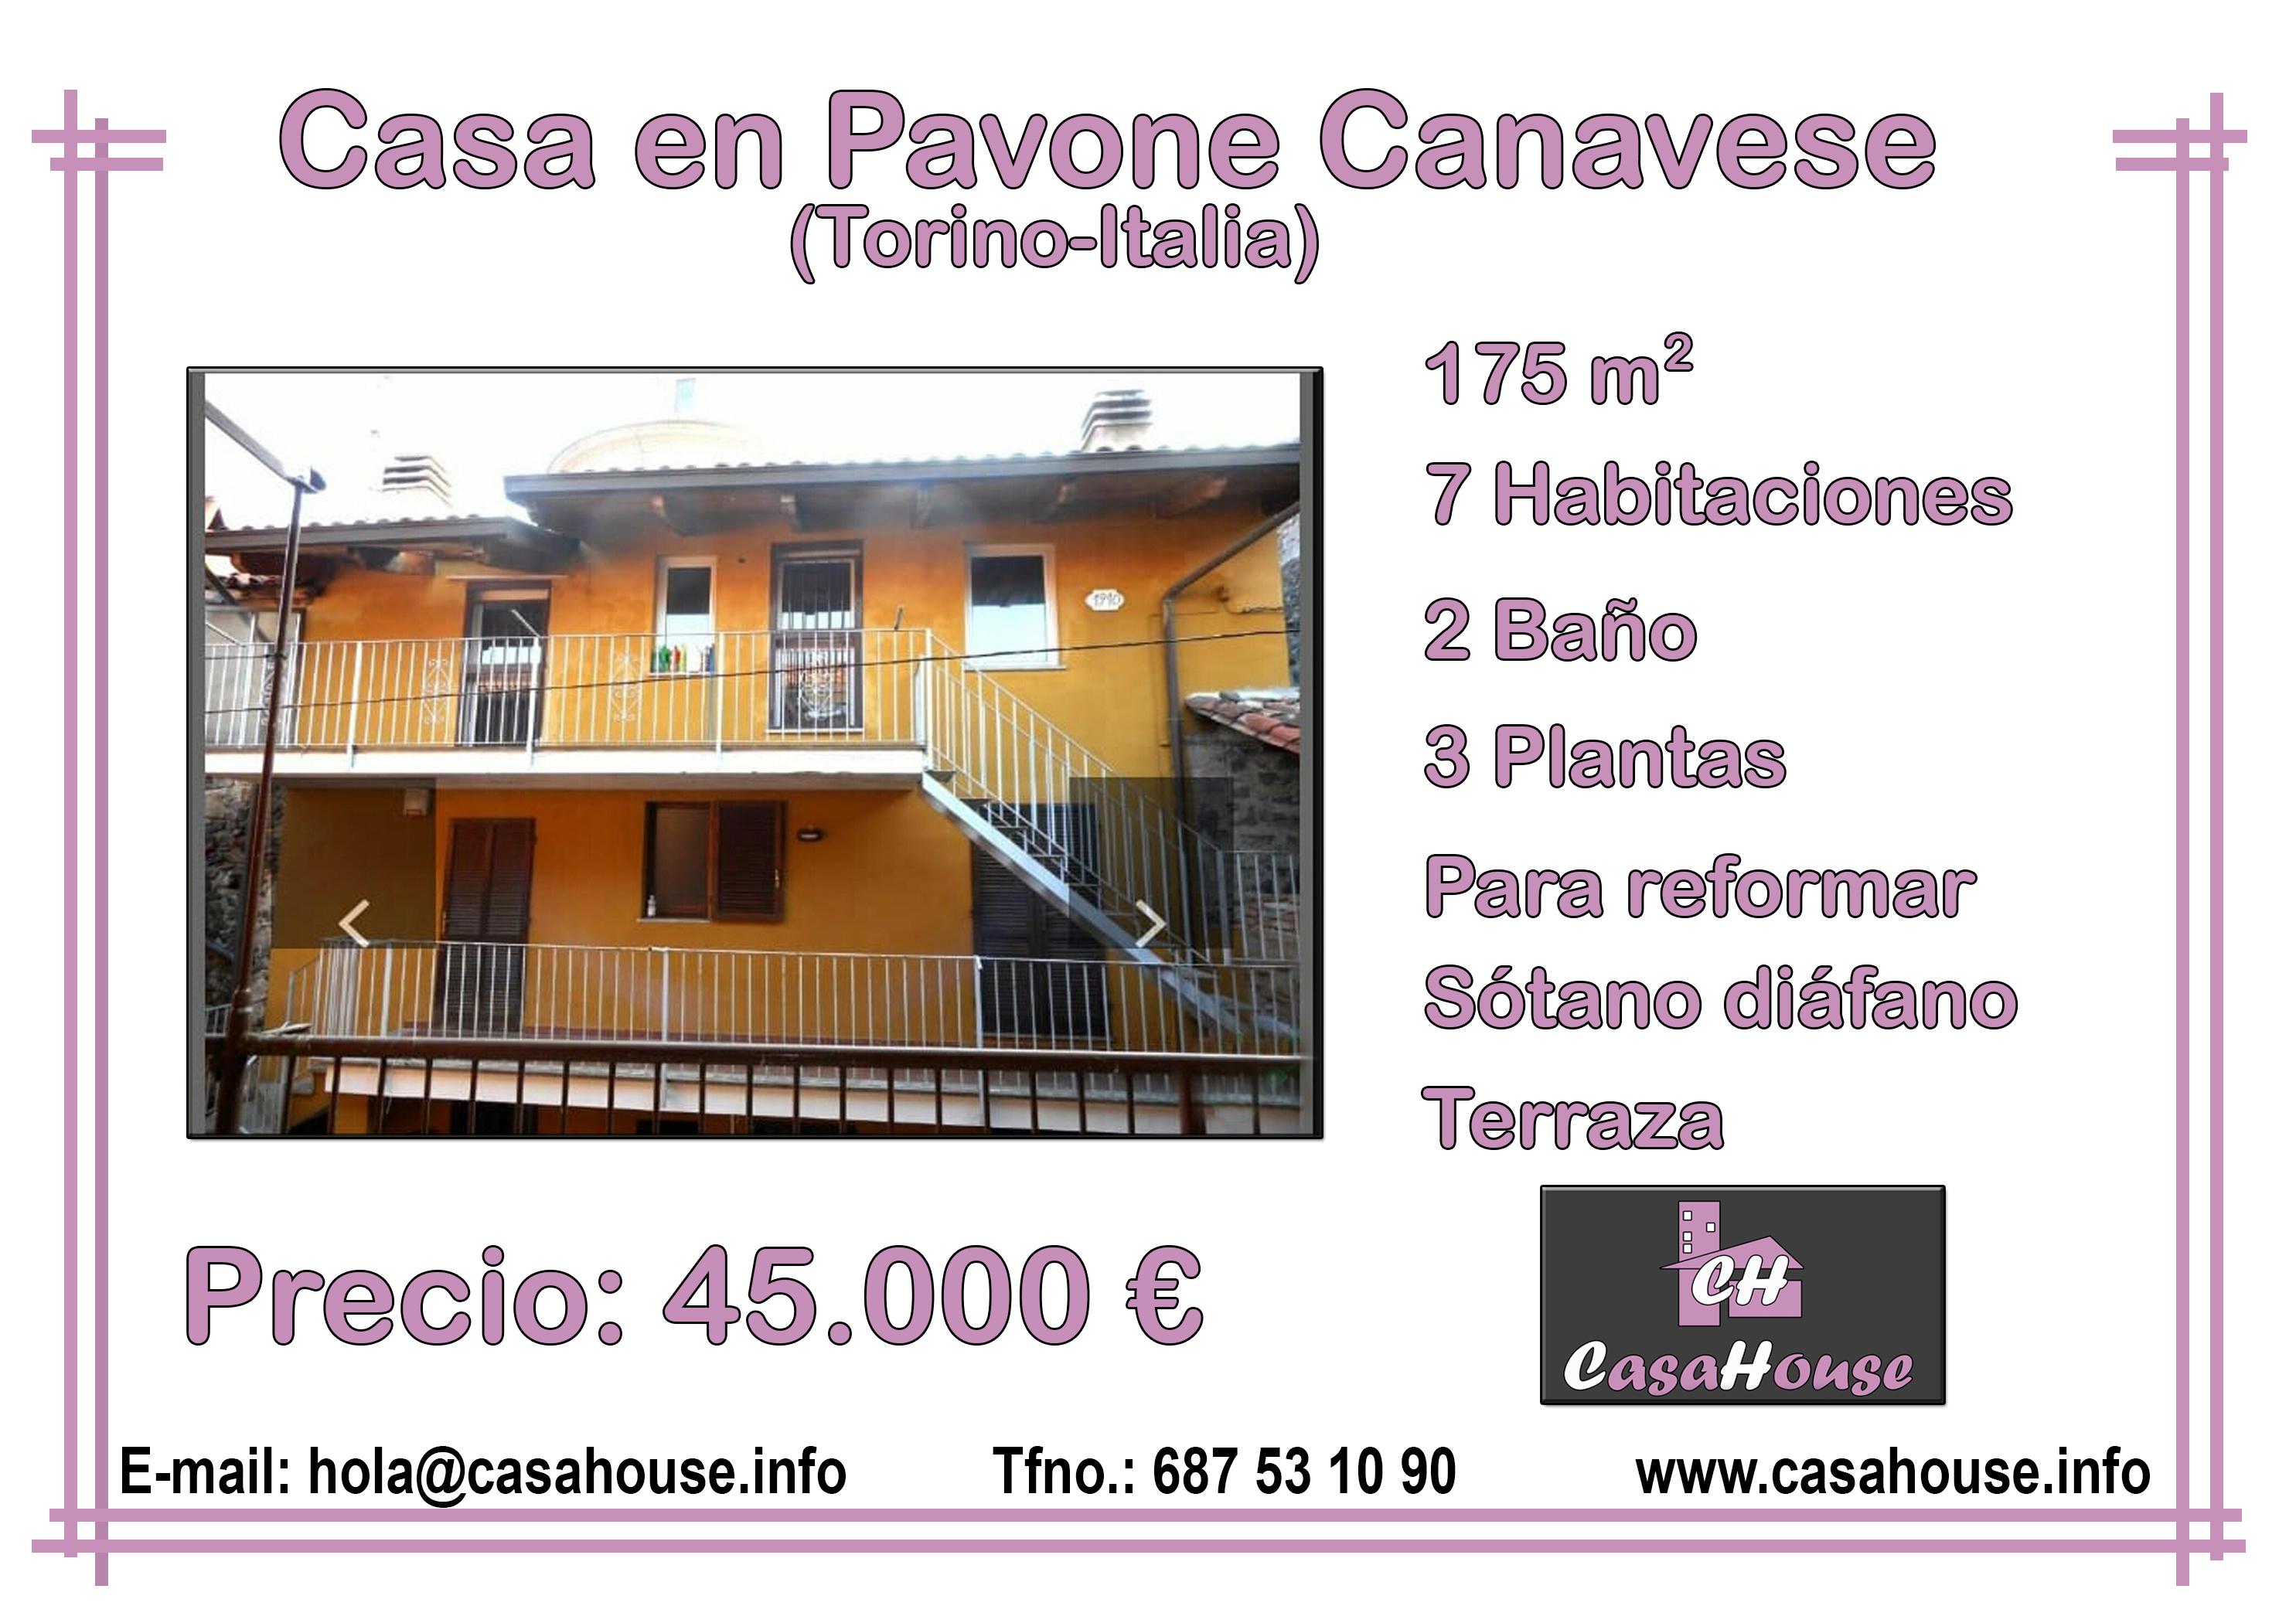 Pavone Canavese Torino Italia Casahouse